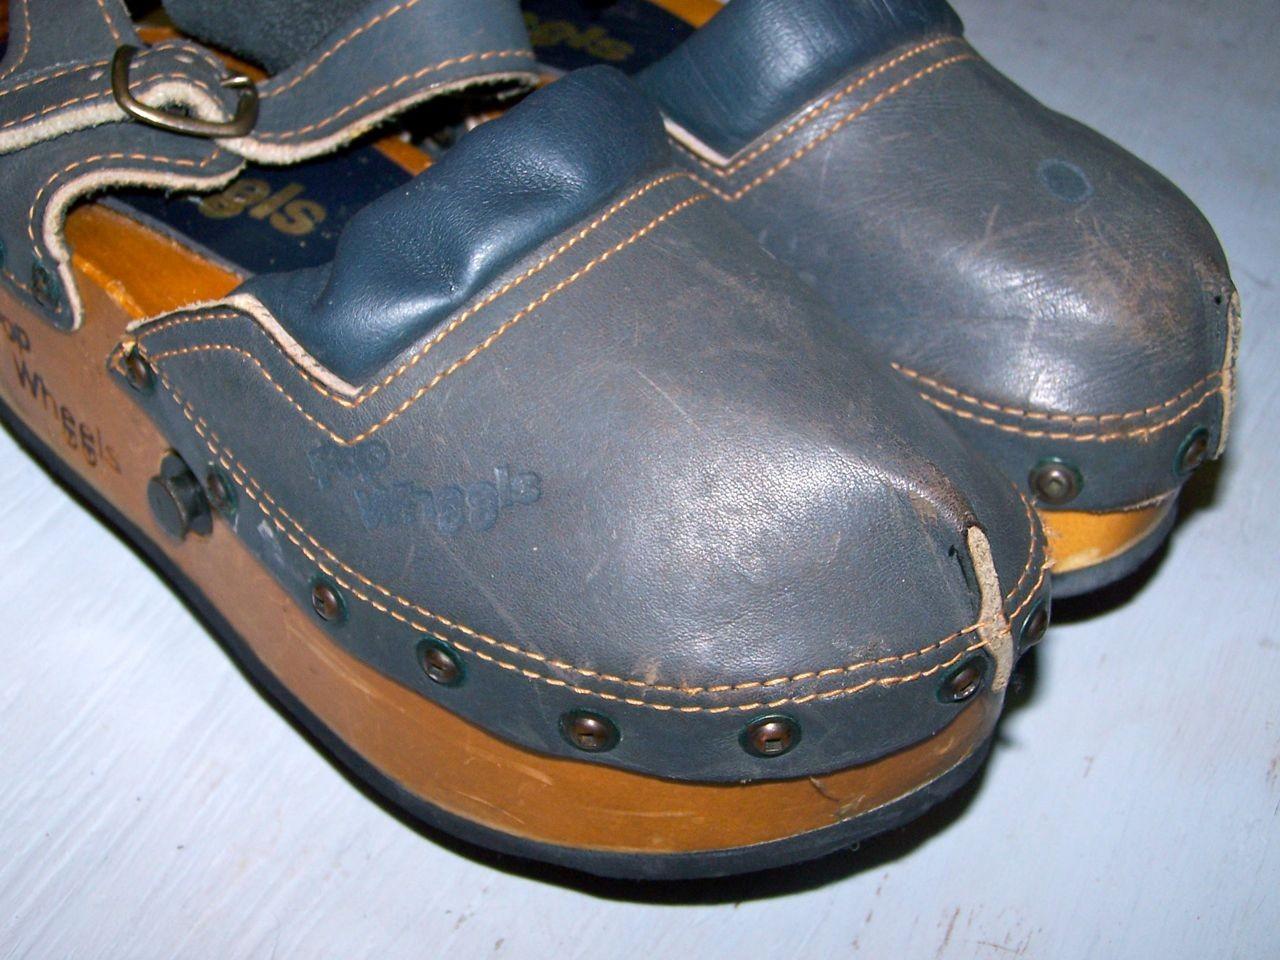 the latest 1344e 9be29 POP WHEELS Le scarpe con ruote anni 70 giocattoli vintage